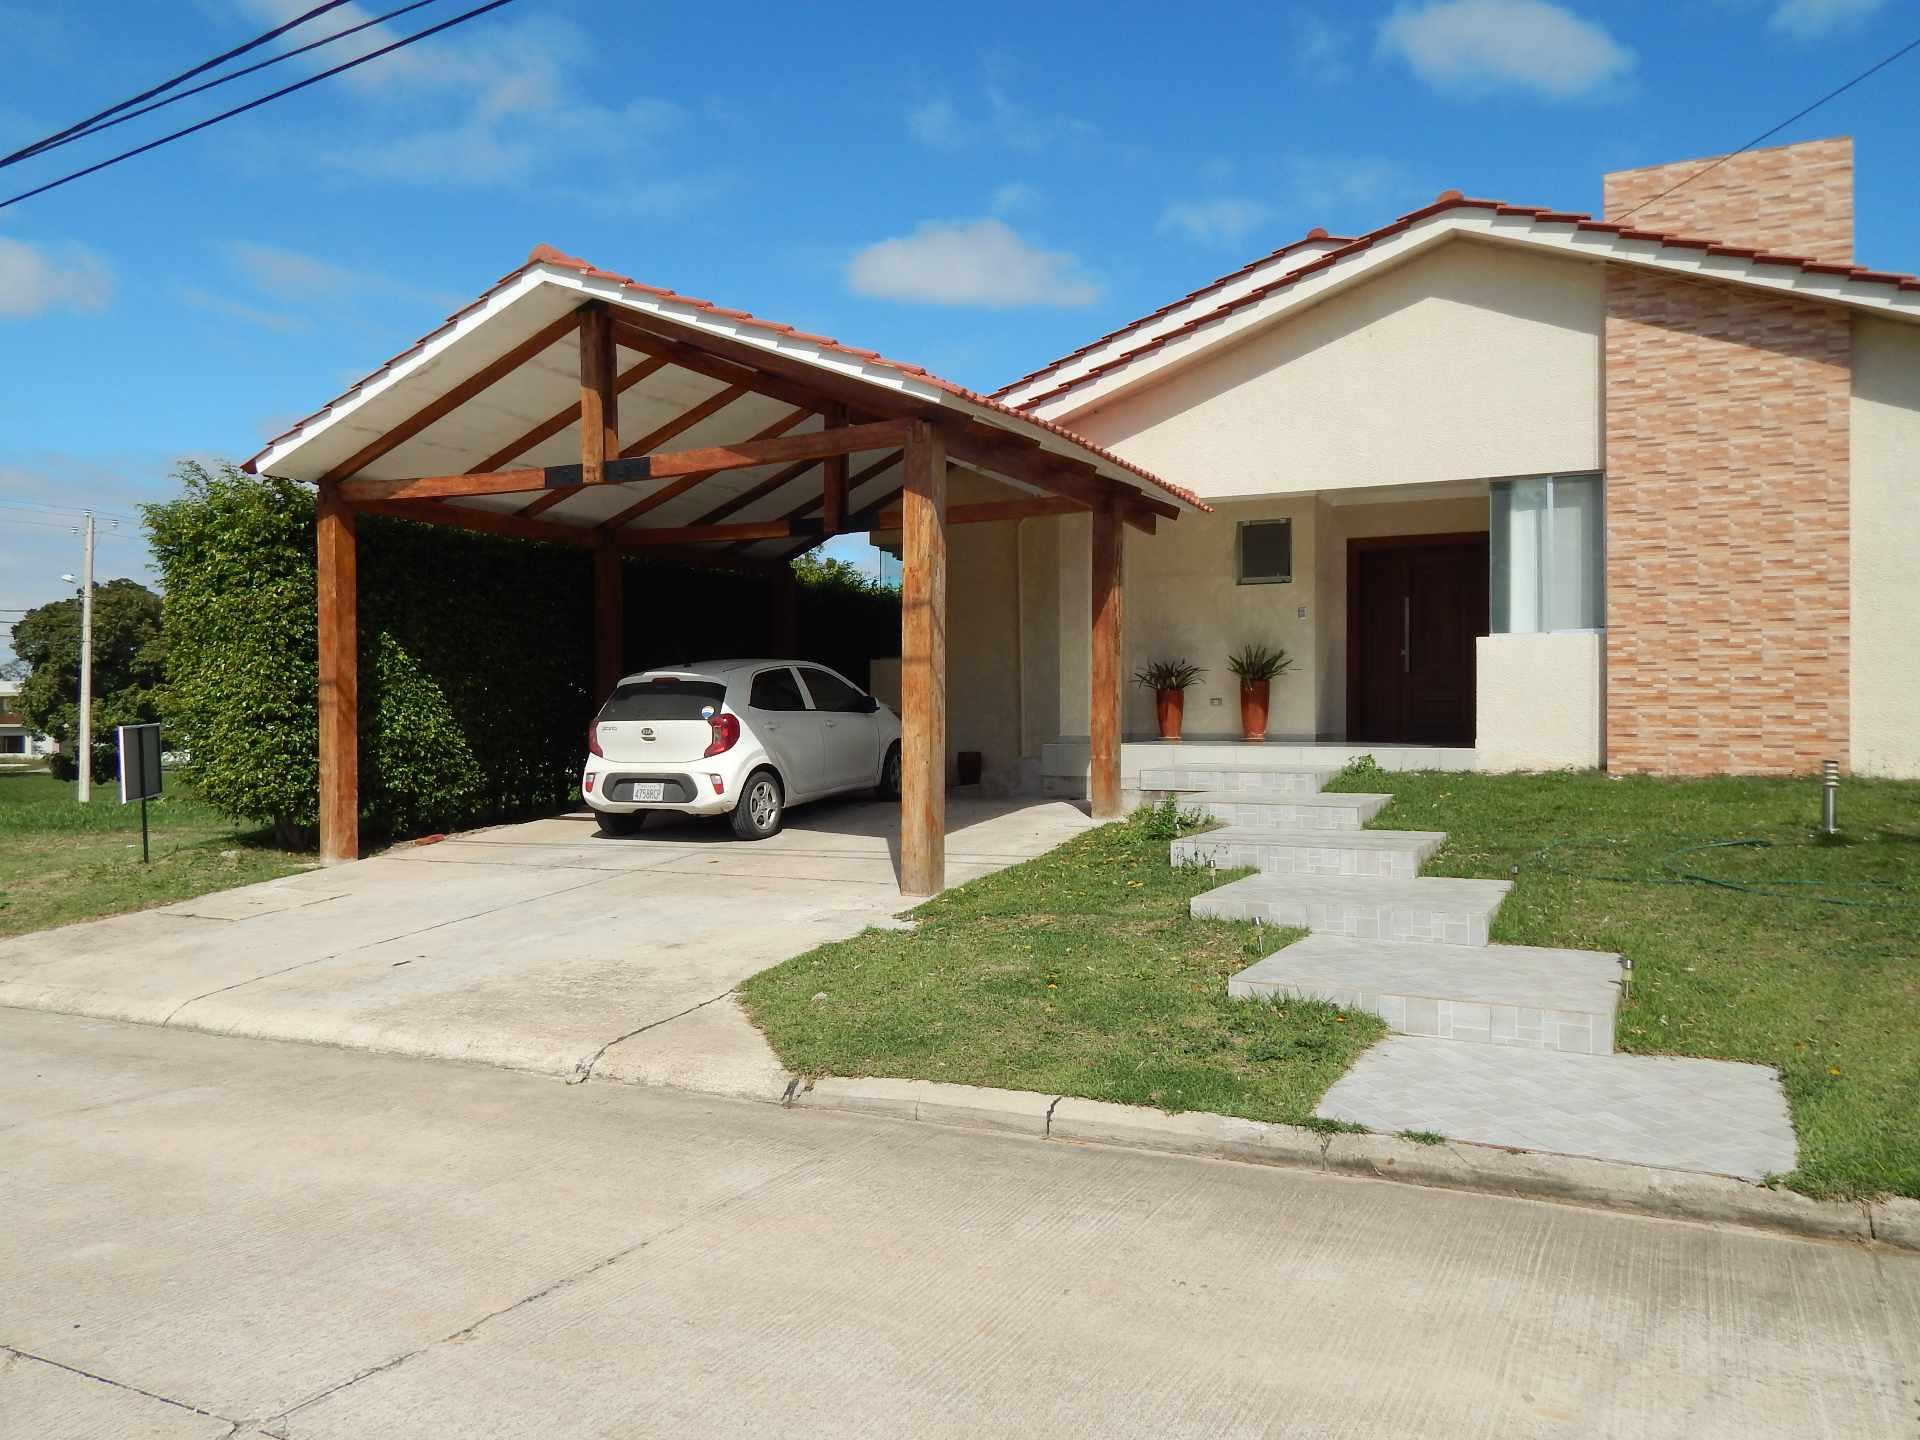 Casa en Alquiler Casa con piscina propia  en alquiler en el Urubo  Foto 1